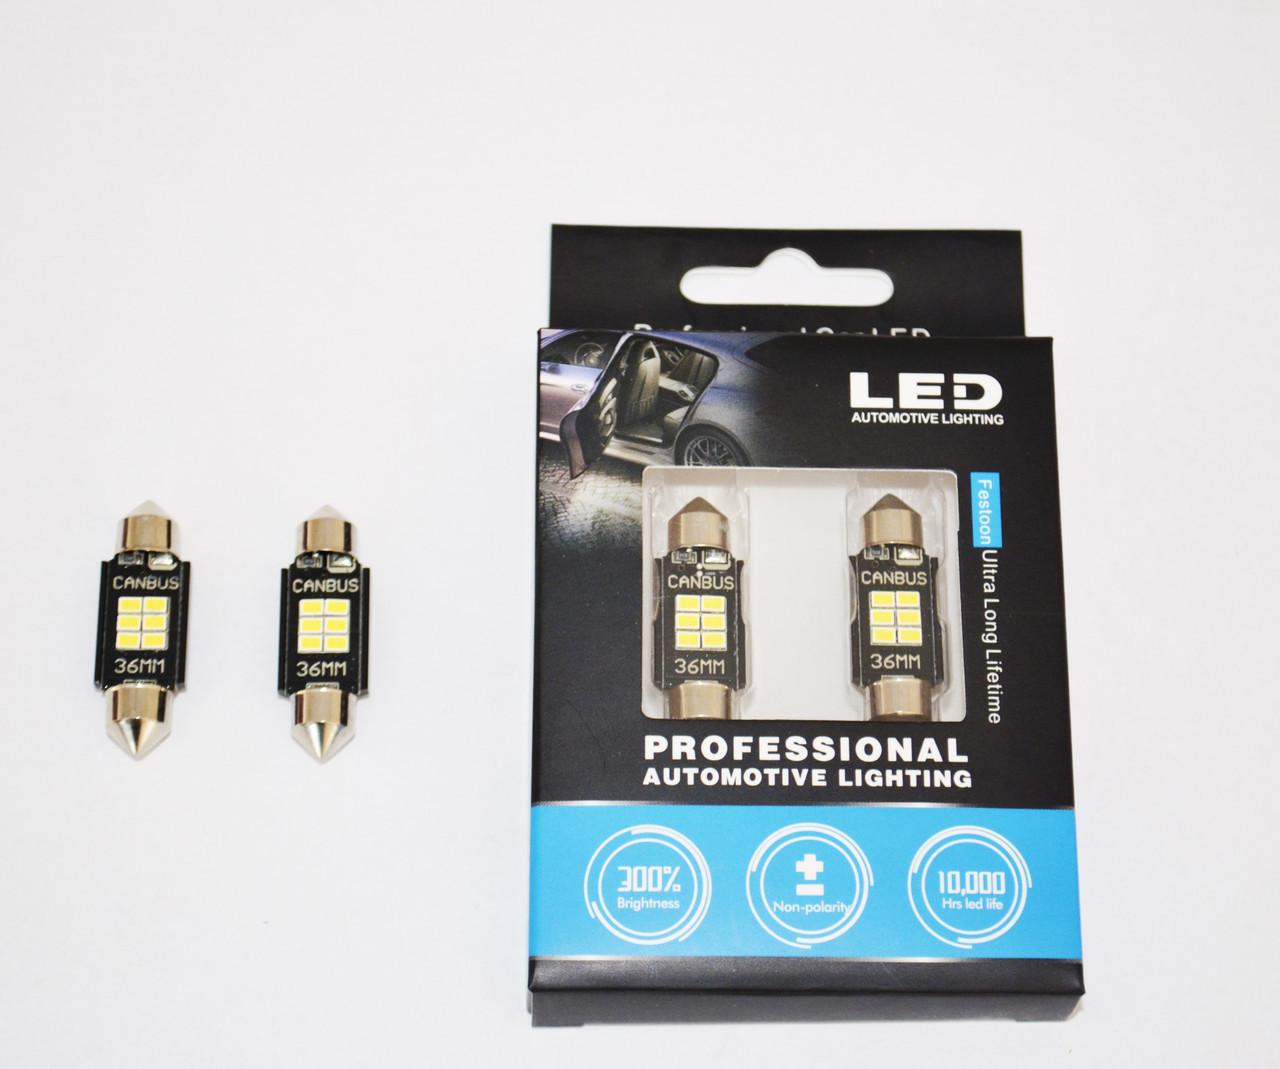 Светодиодная лампа LED лампы STELLAR SV8,5(C10W) 36мм 4.5Вт с обманкой. Белый